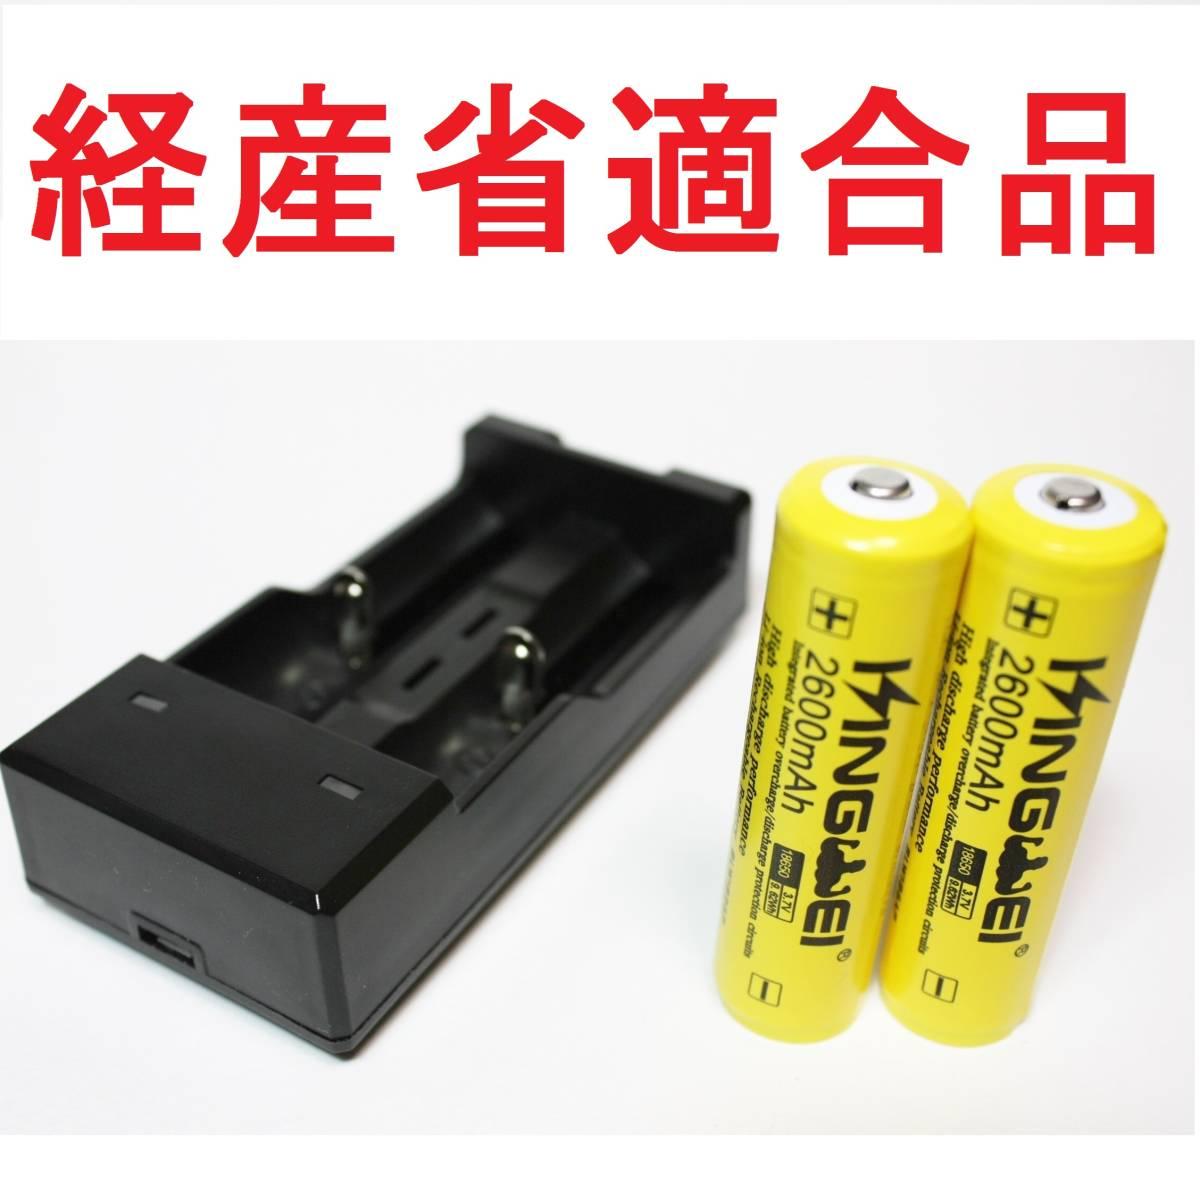 正規容量 18650 経済産業省適合品 リチウムイオン 充電池 2本 + 急速充電器 バッテリー 懐中電灯 ヘッドライト04_画像1